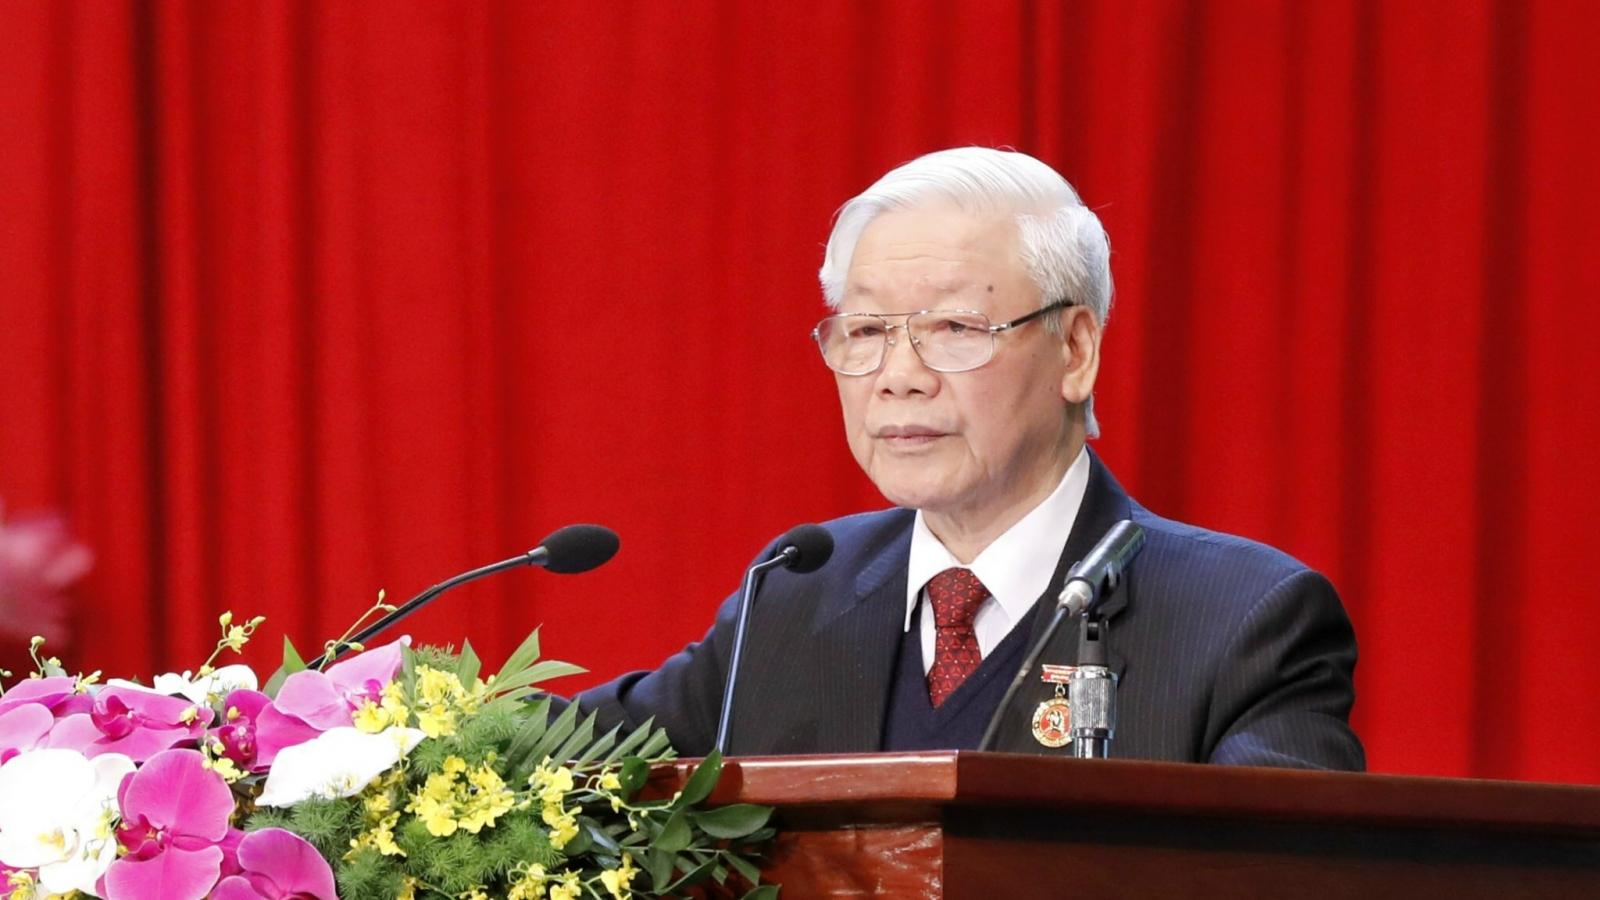 Học giả Trung Quốc: Con đường tìm tòi chủ nghĩa xã hội của Việt Nam đang đi đúng hướng